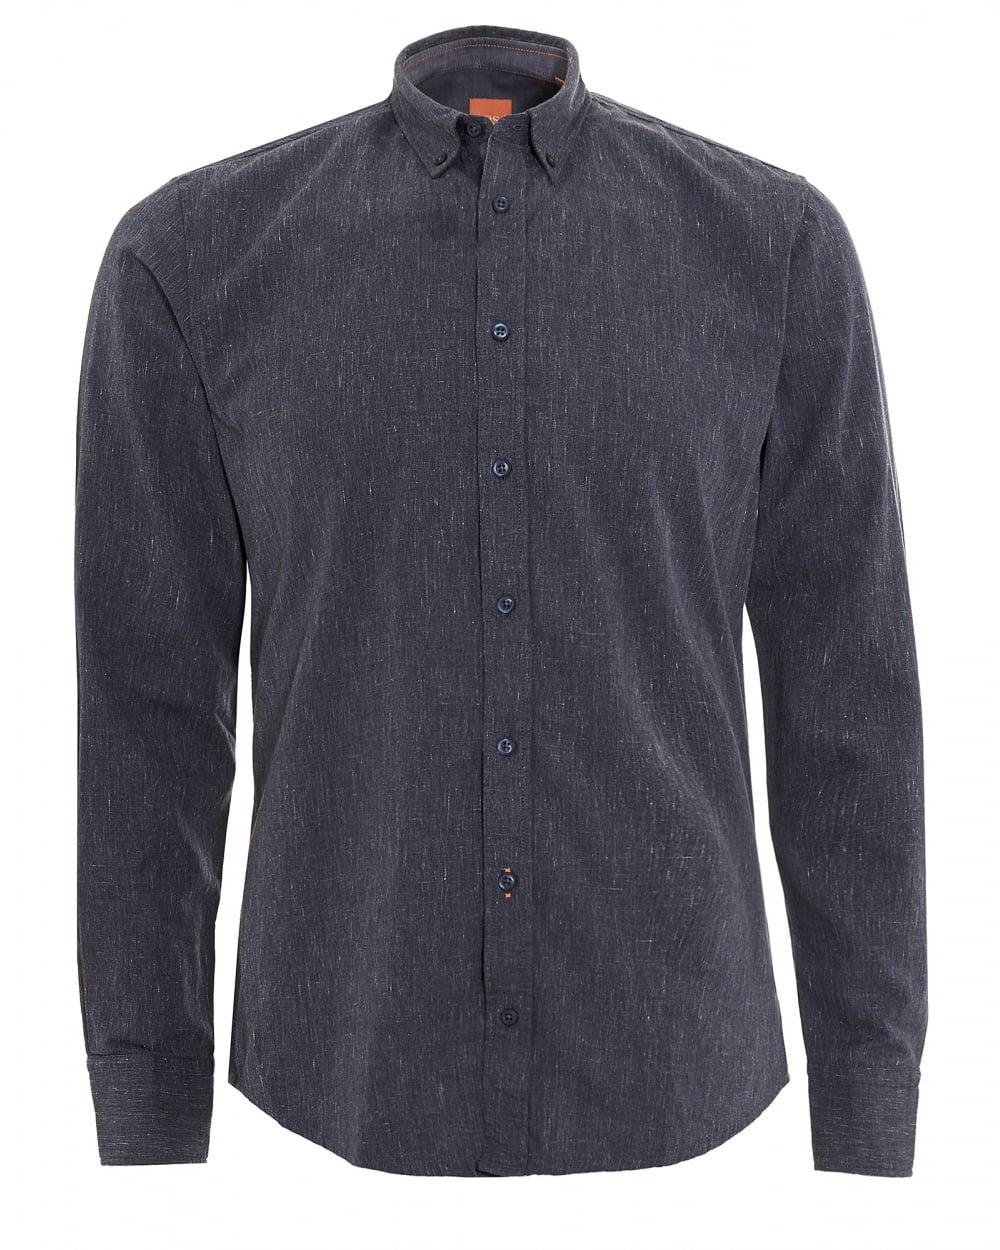 efb8c0429 Hugo Boss Orange Mens Edipoe Shirt, Denim Blue Slim Fit Shirt